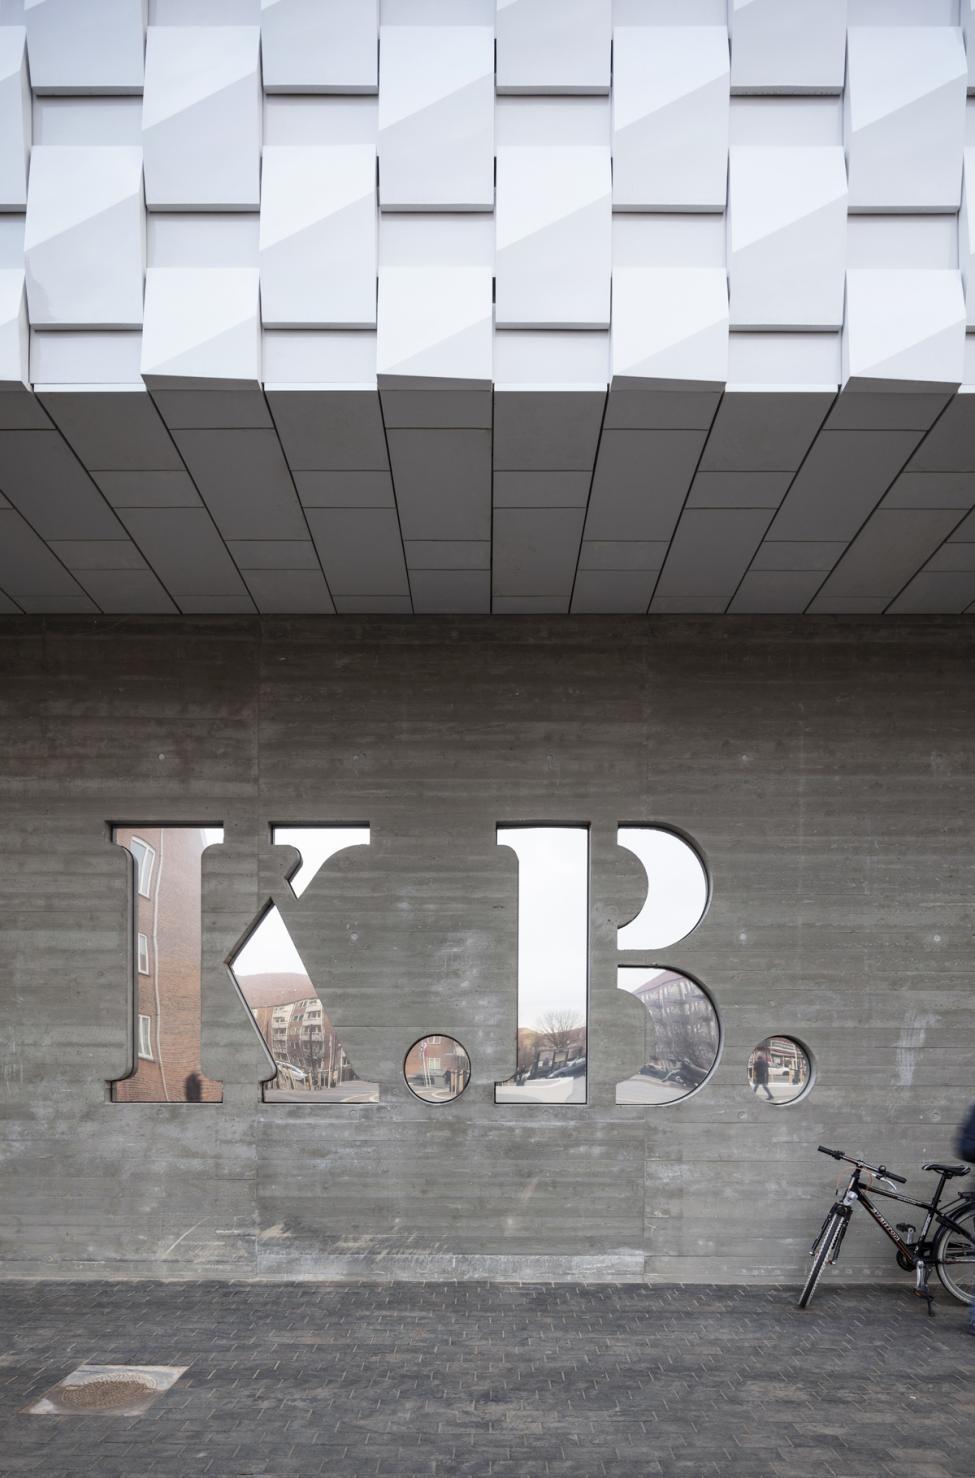 kb hallen initialer